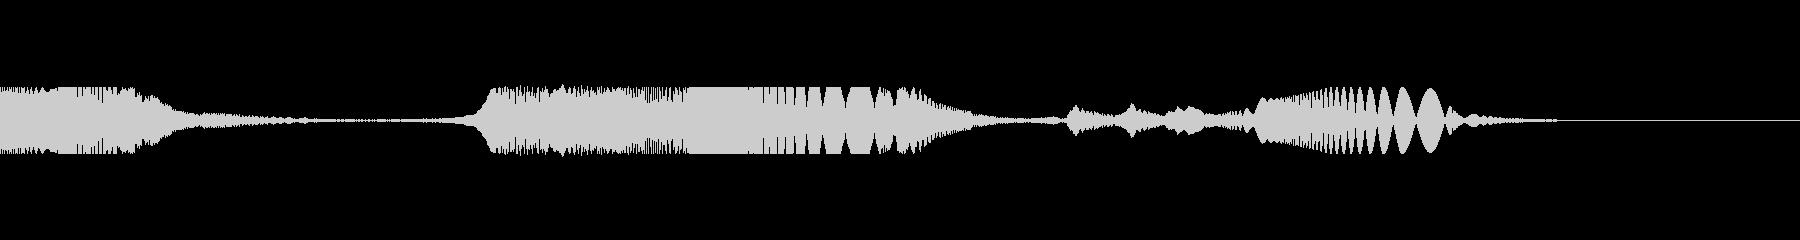 SynthLaser EC06_71_2の未再生の波形